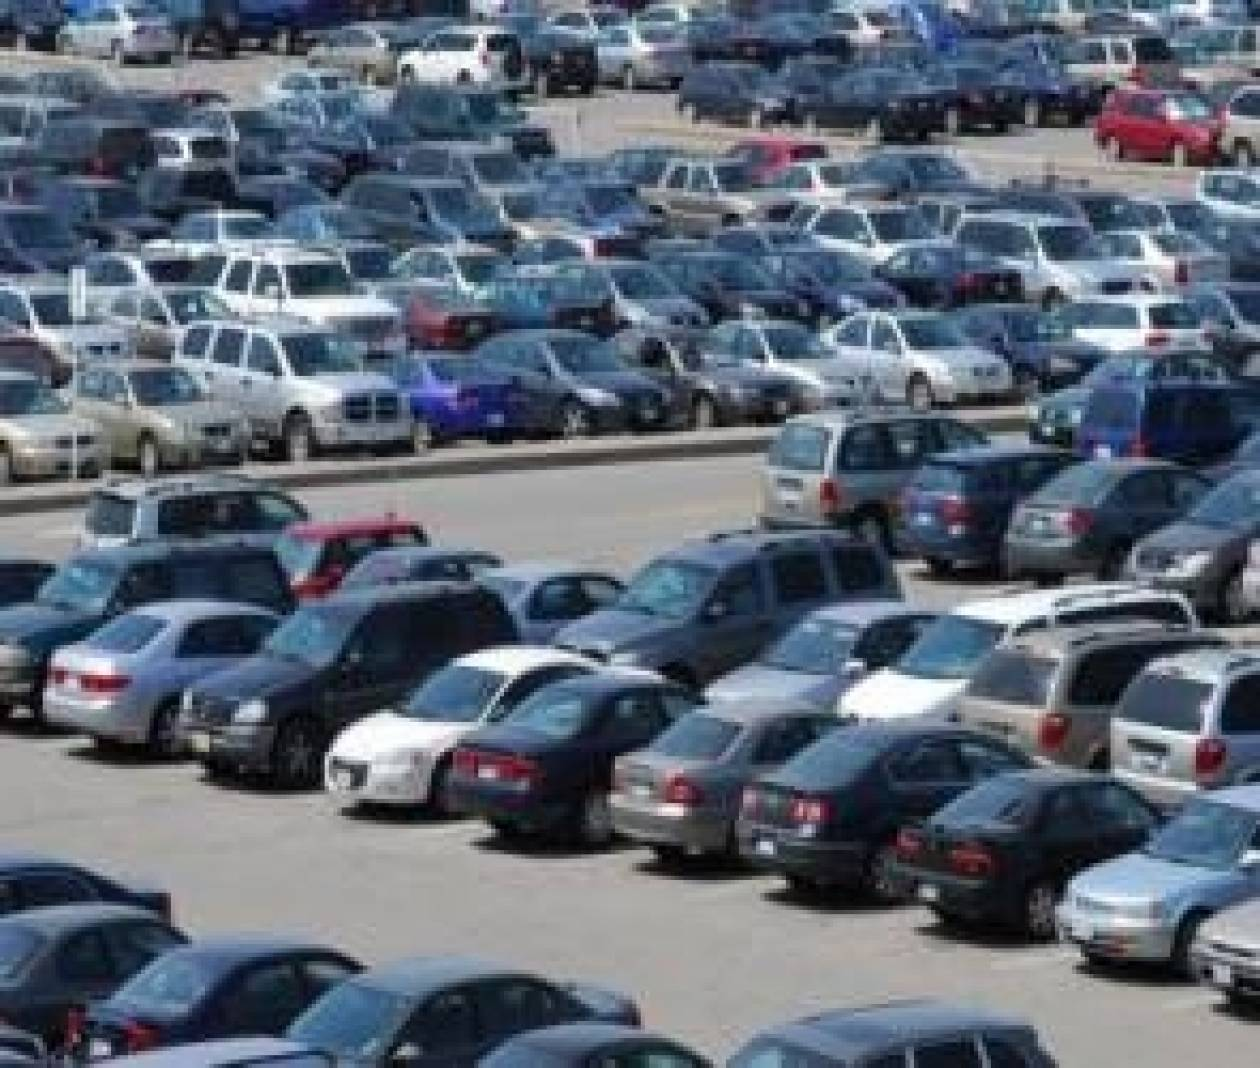 Ποια είναι τα αυτοκίνητα που κλέβονται ευκολότερα